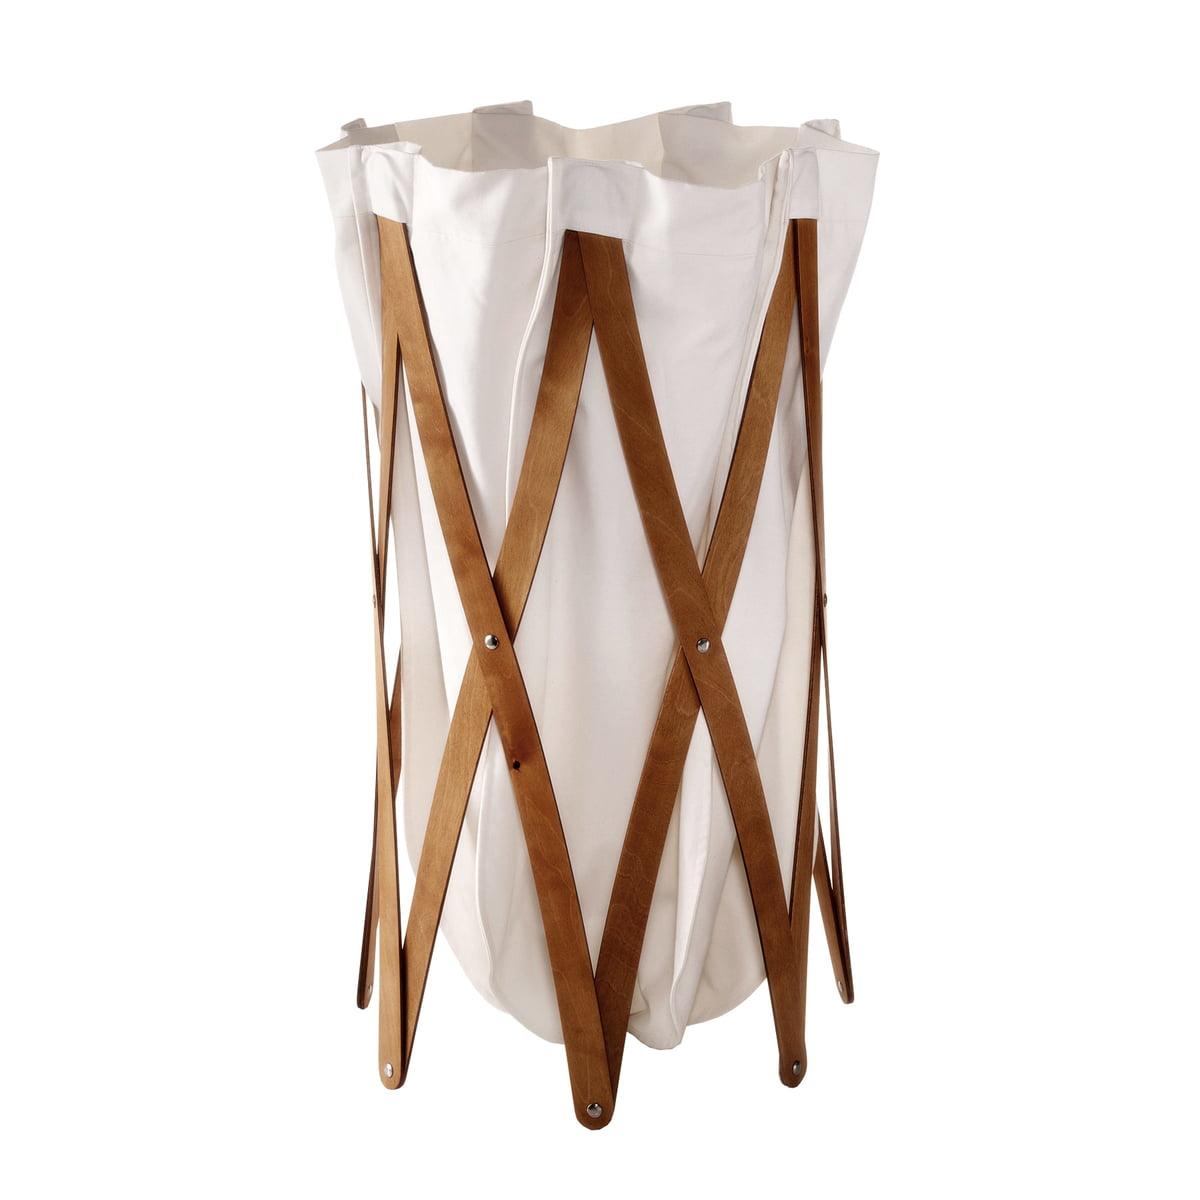 Wäschesammler Design pi wäschekorb klein more shop